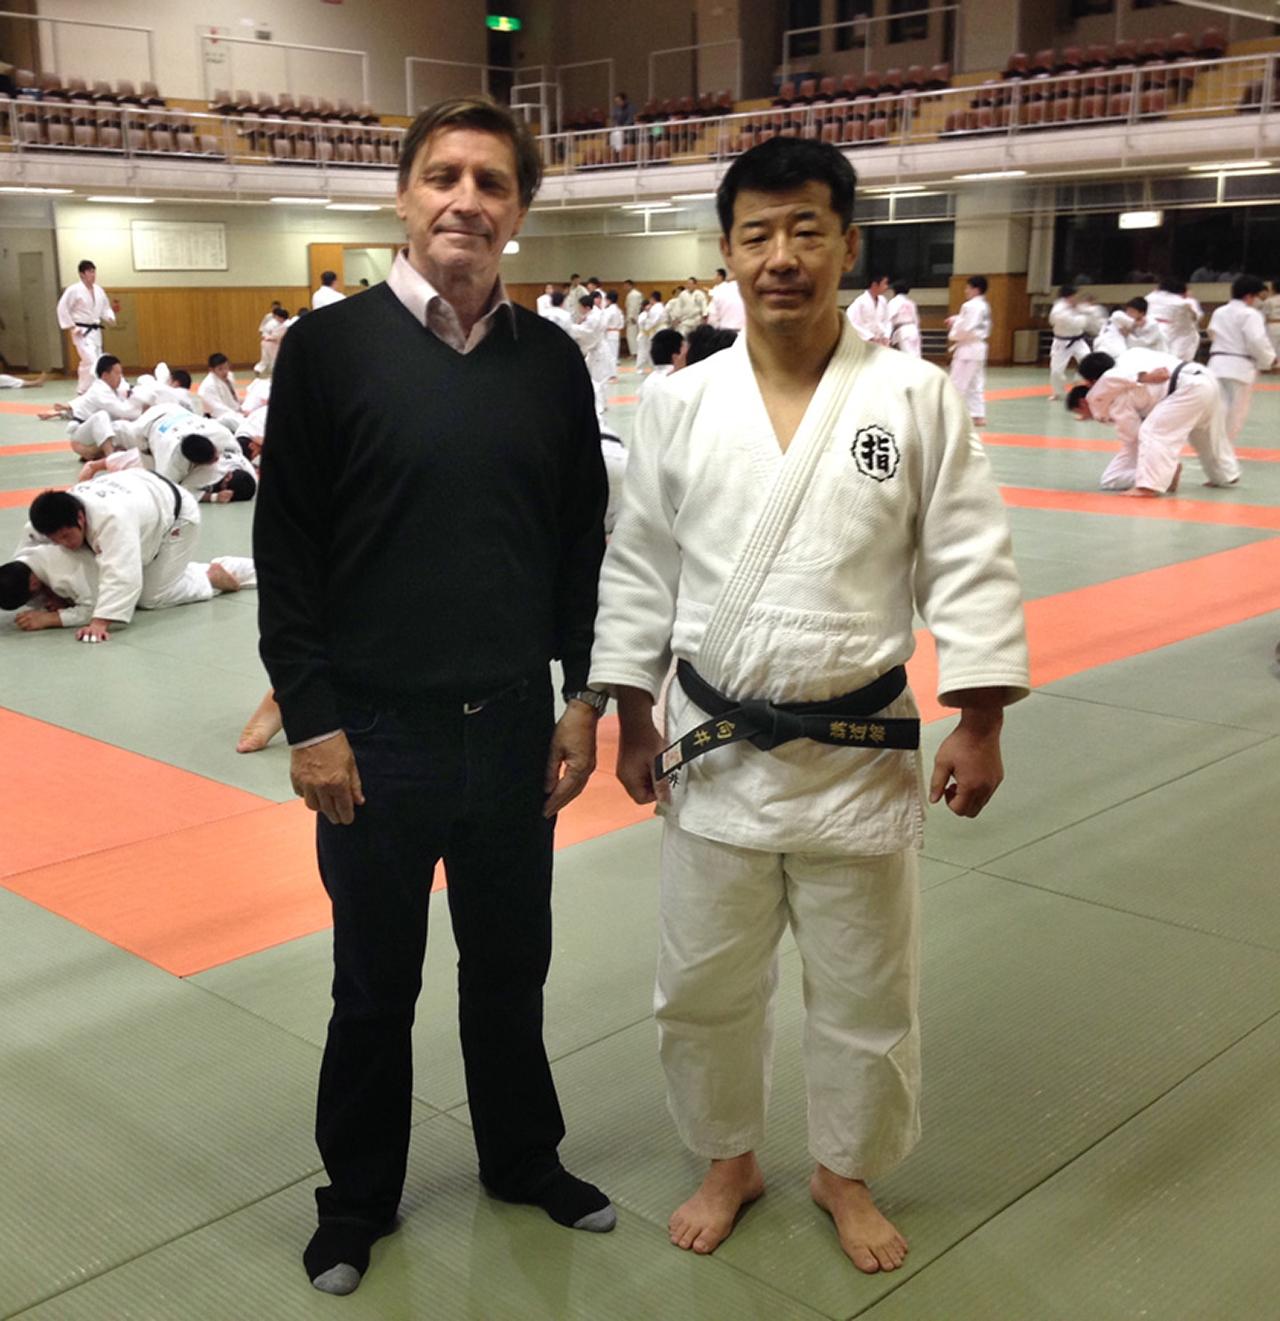 Mukai Sensei of Kodokan Judo, Tokyo